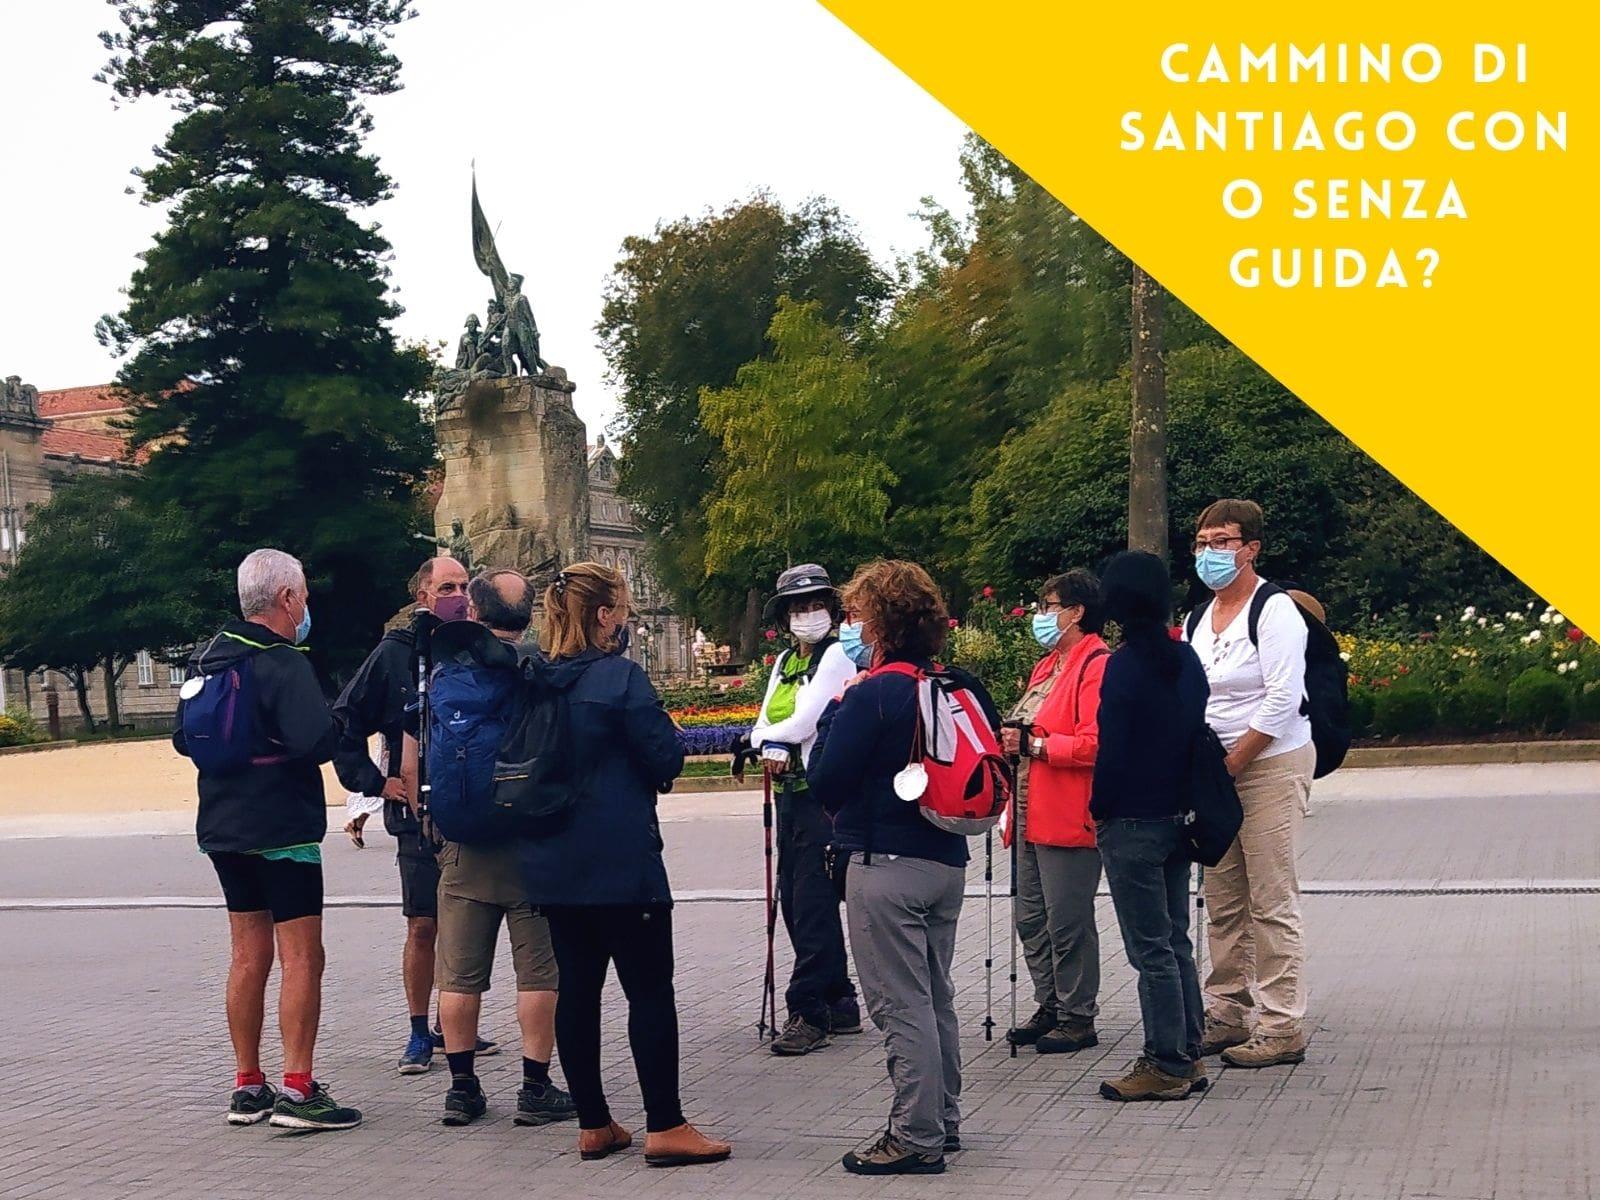 Il Cammino di Santiago con o senza guida?